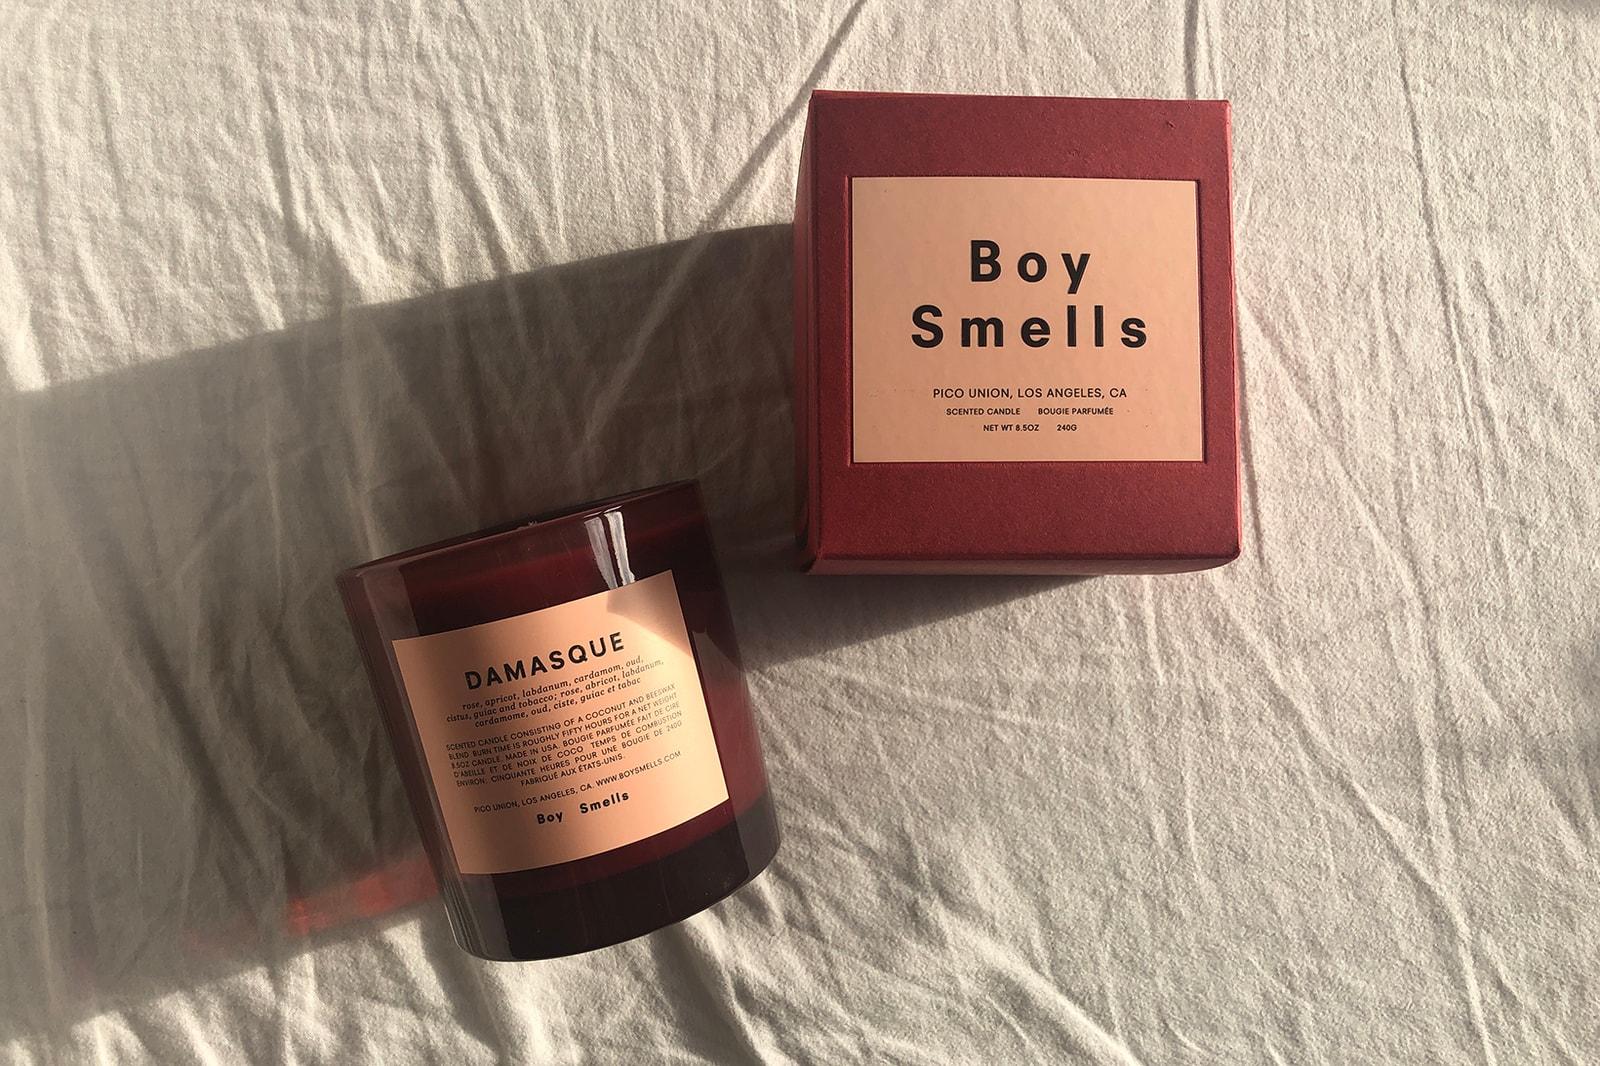 Boy Smells Damasque Candle Chromesthesia Series 2 Philia Cameo De Nimes Homeware Gifts